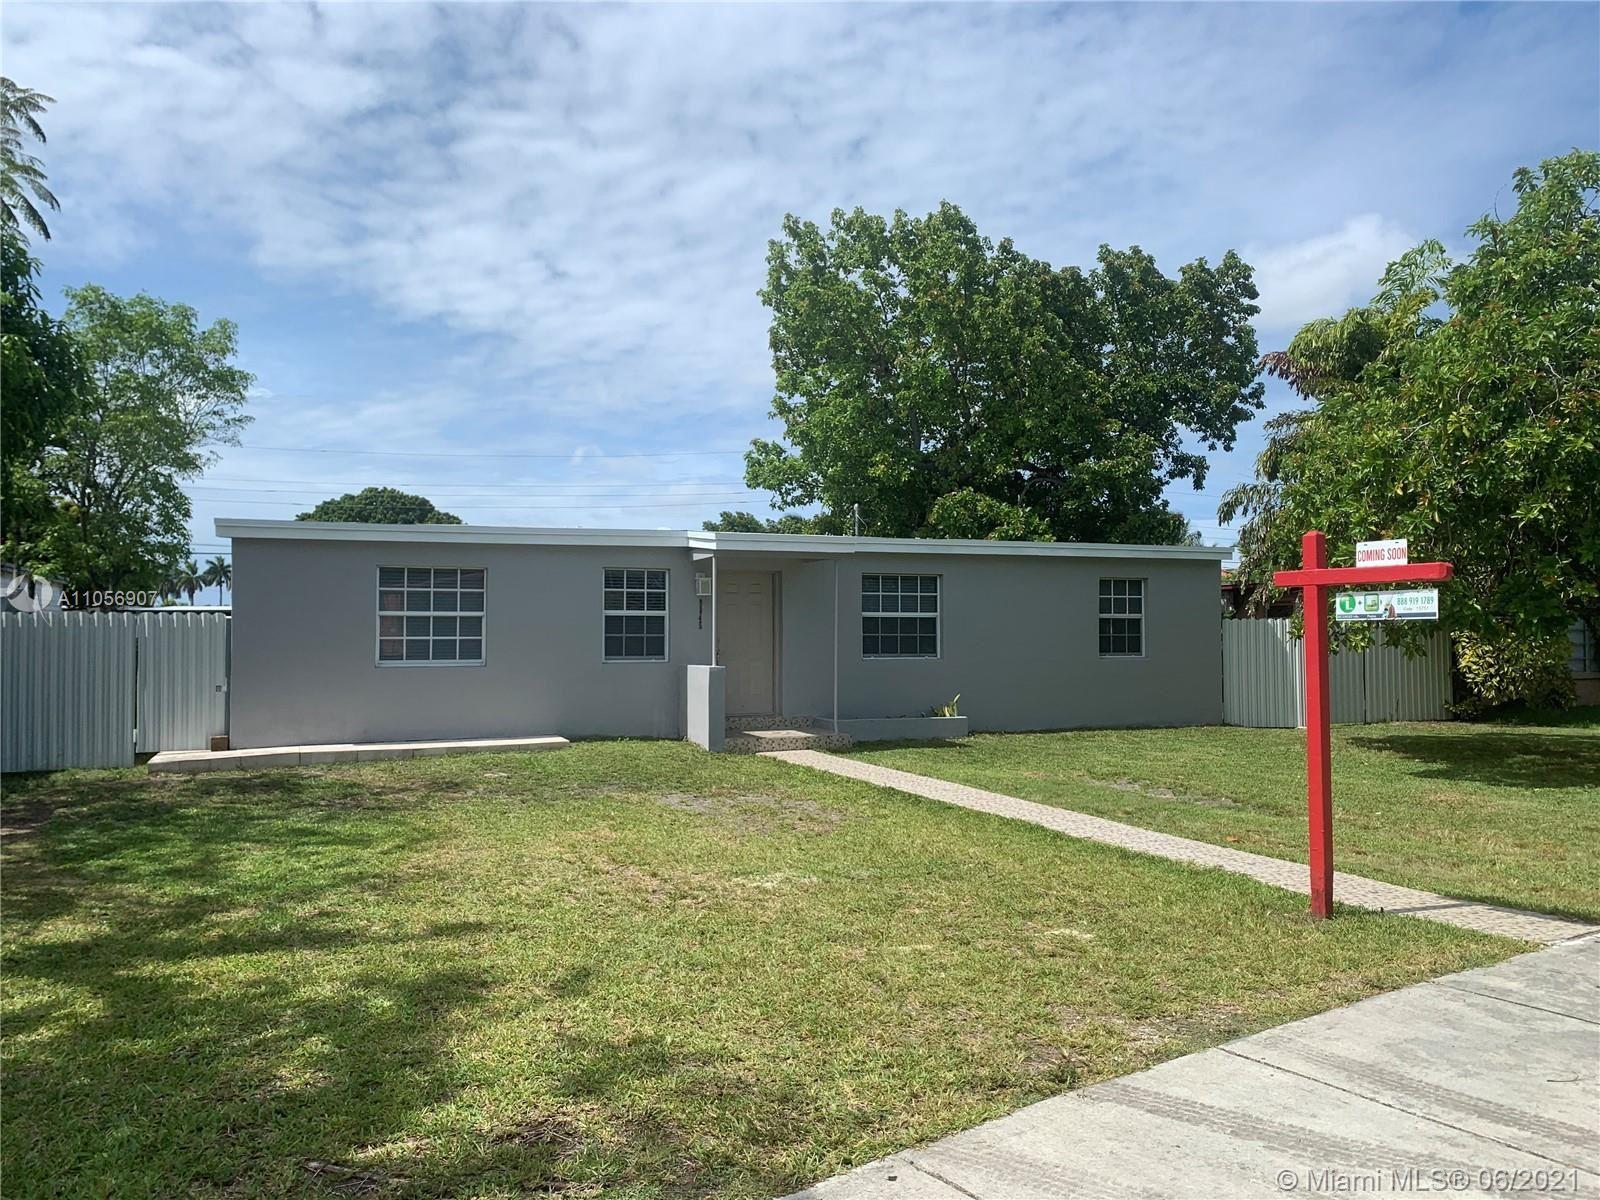 9845 SW 51st Ter, Miami, FL 33165 - #: A11056907